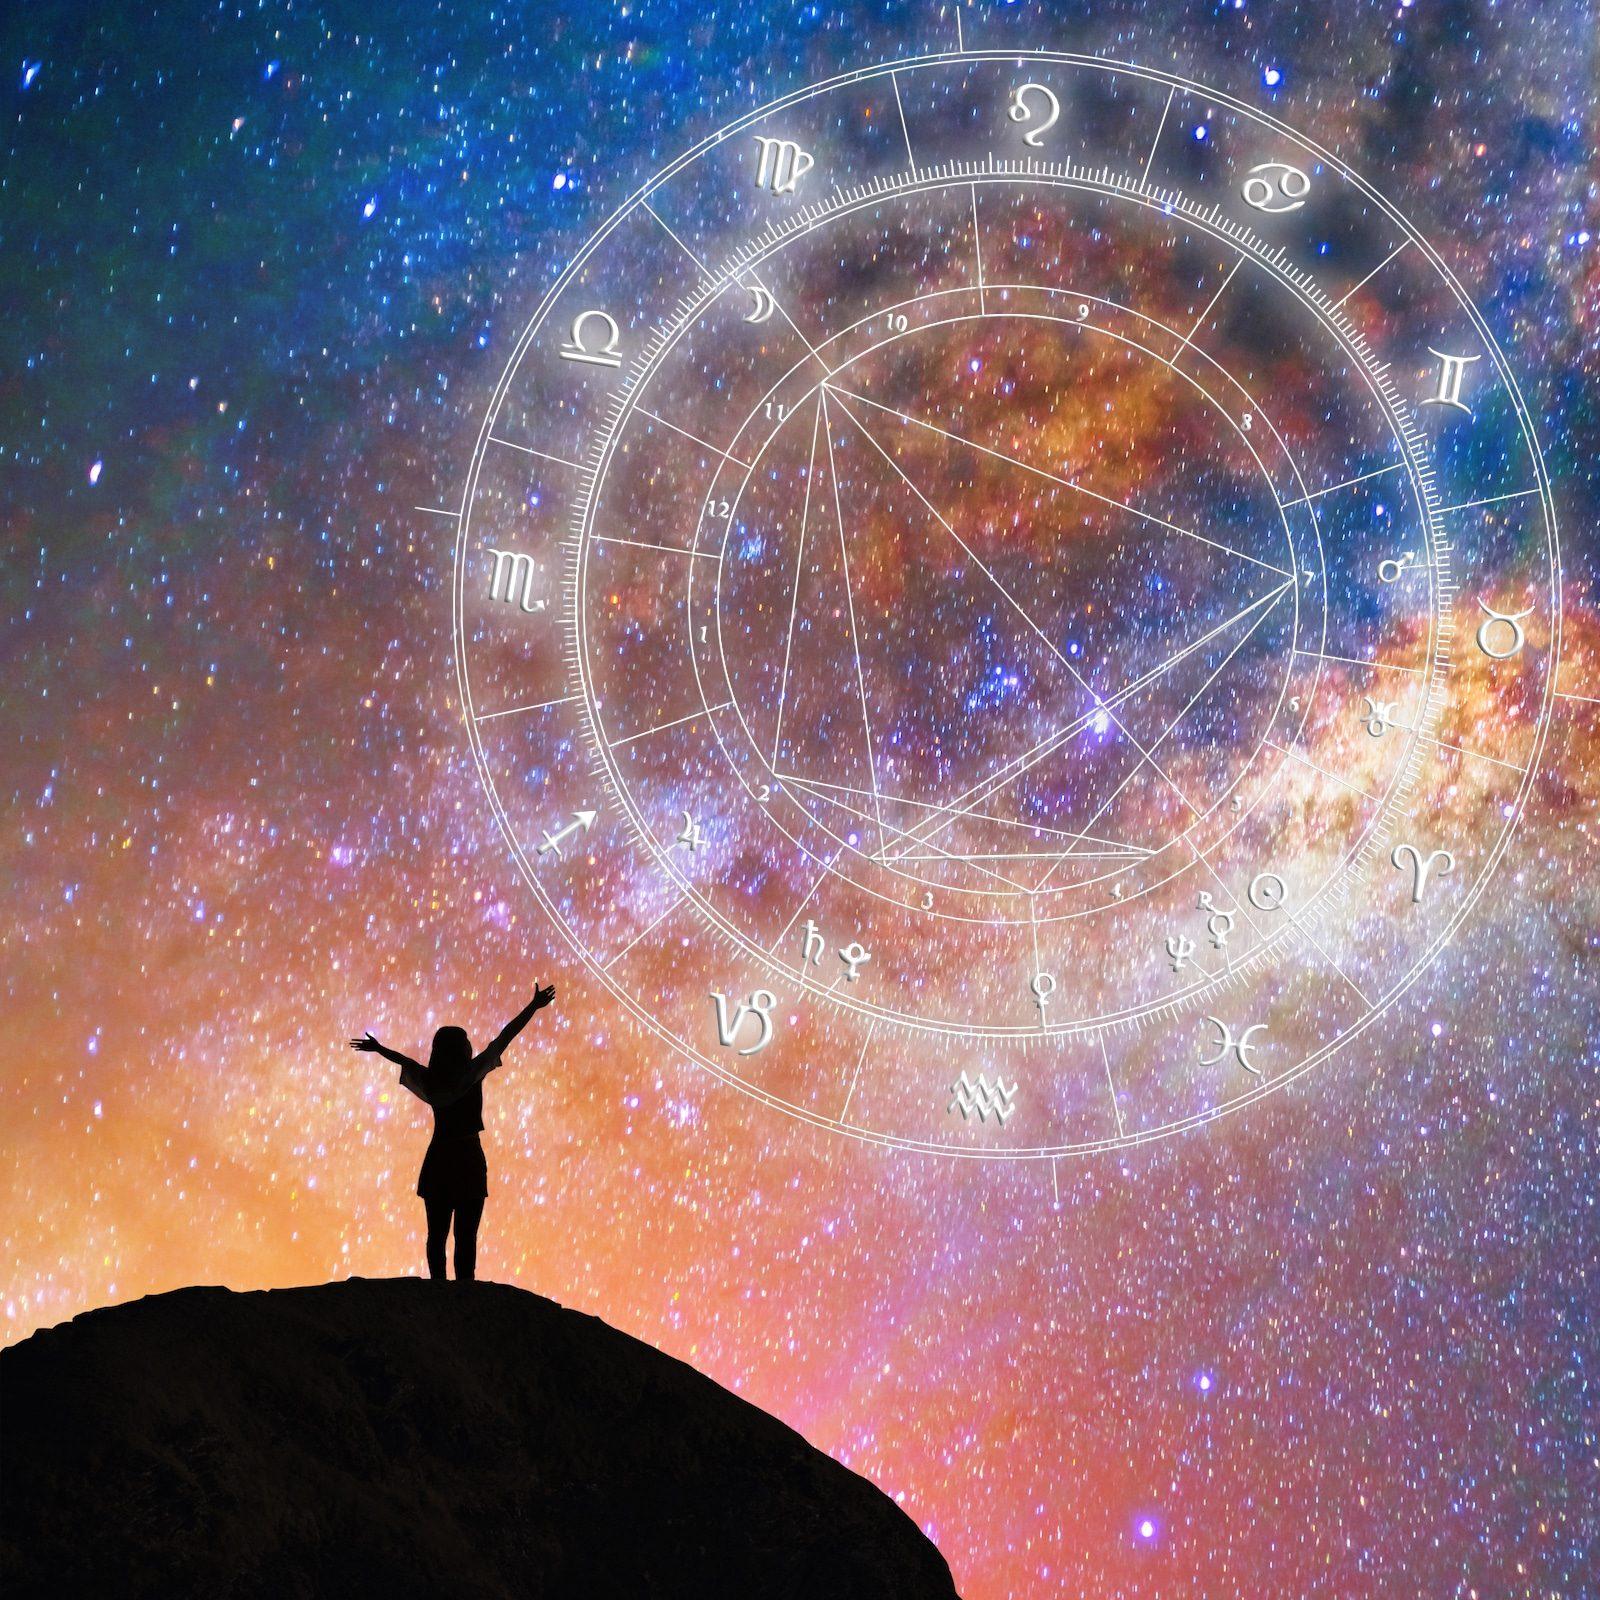 Ga Afe Sternenhimmel Mit Horoskop